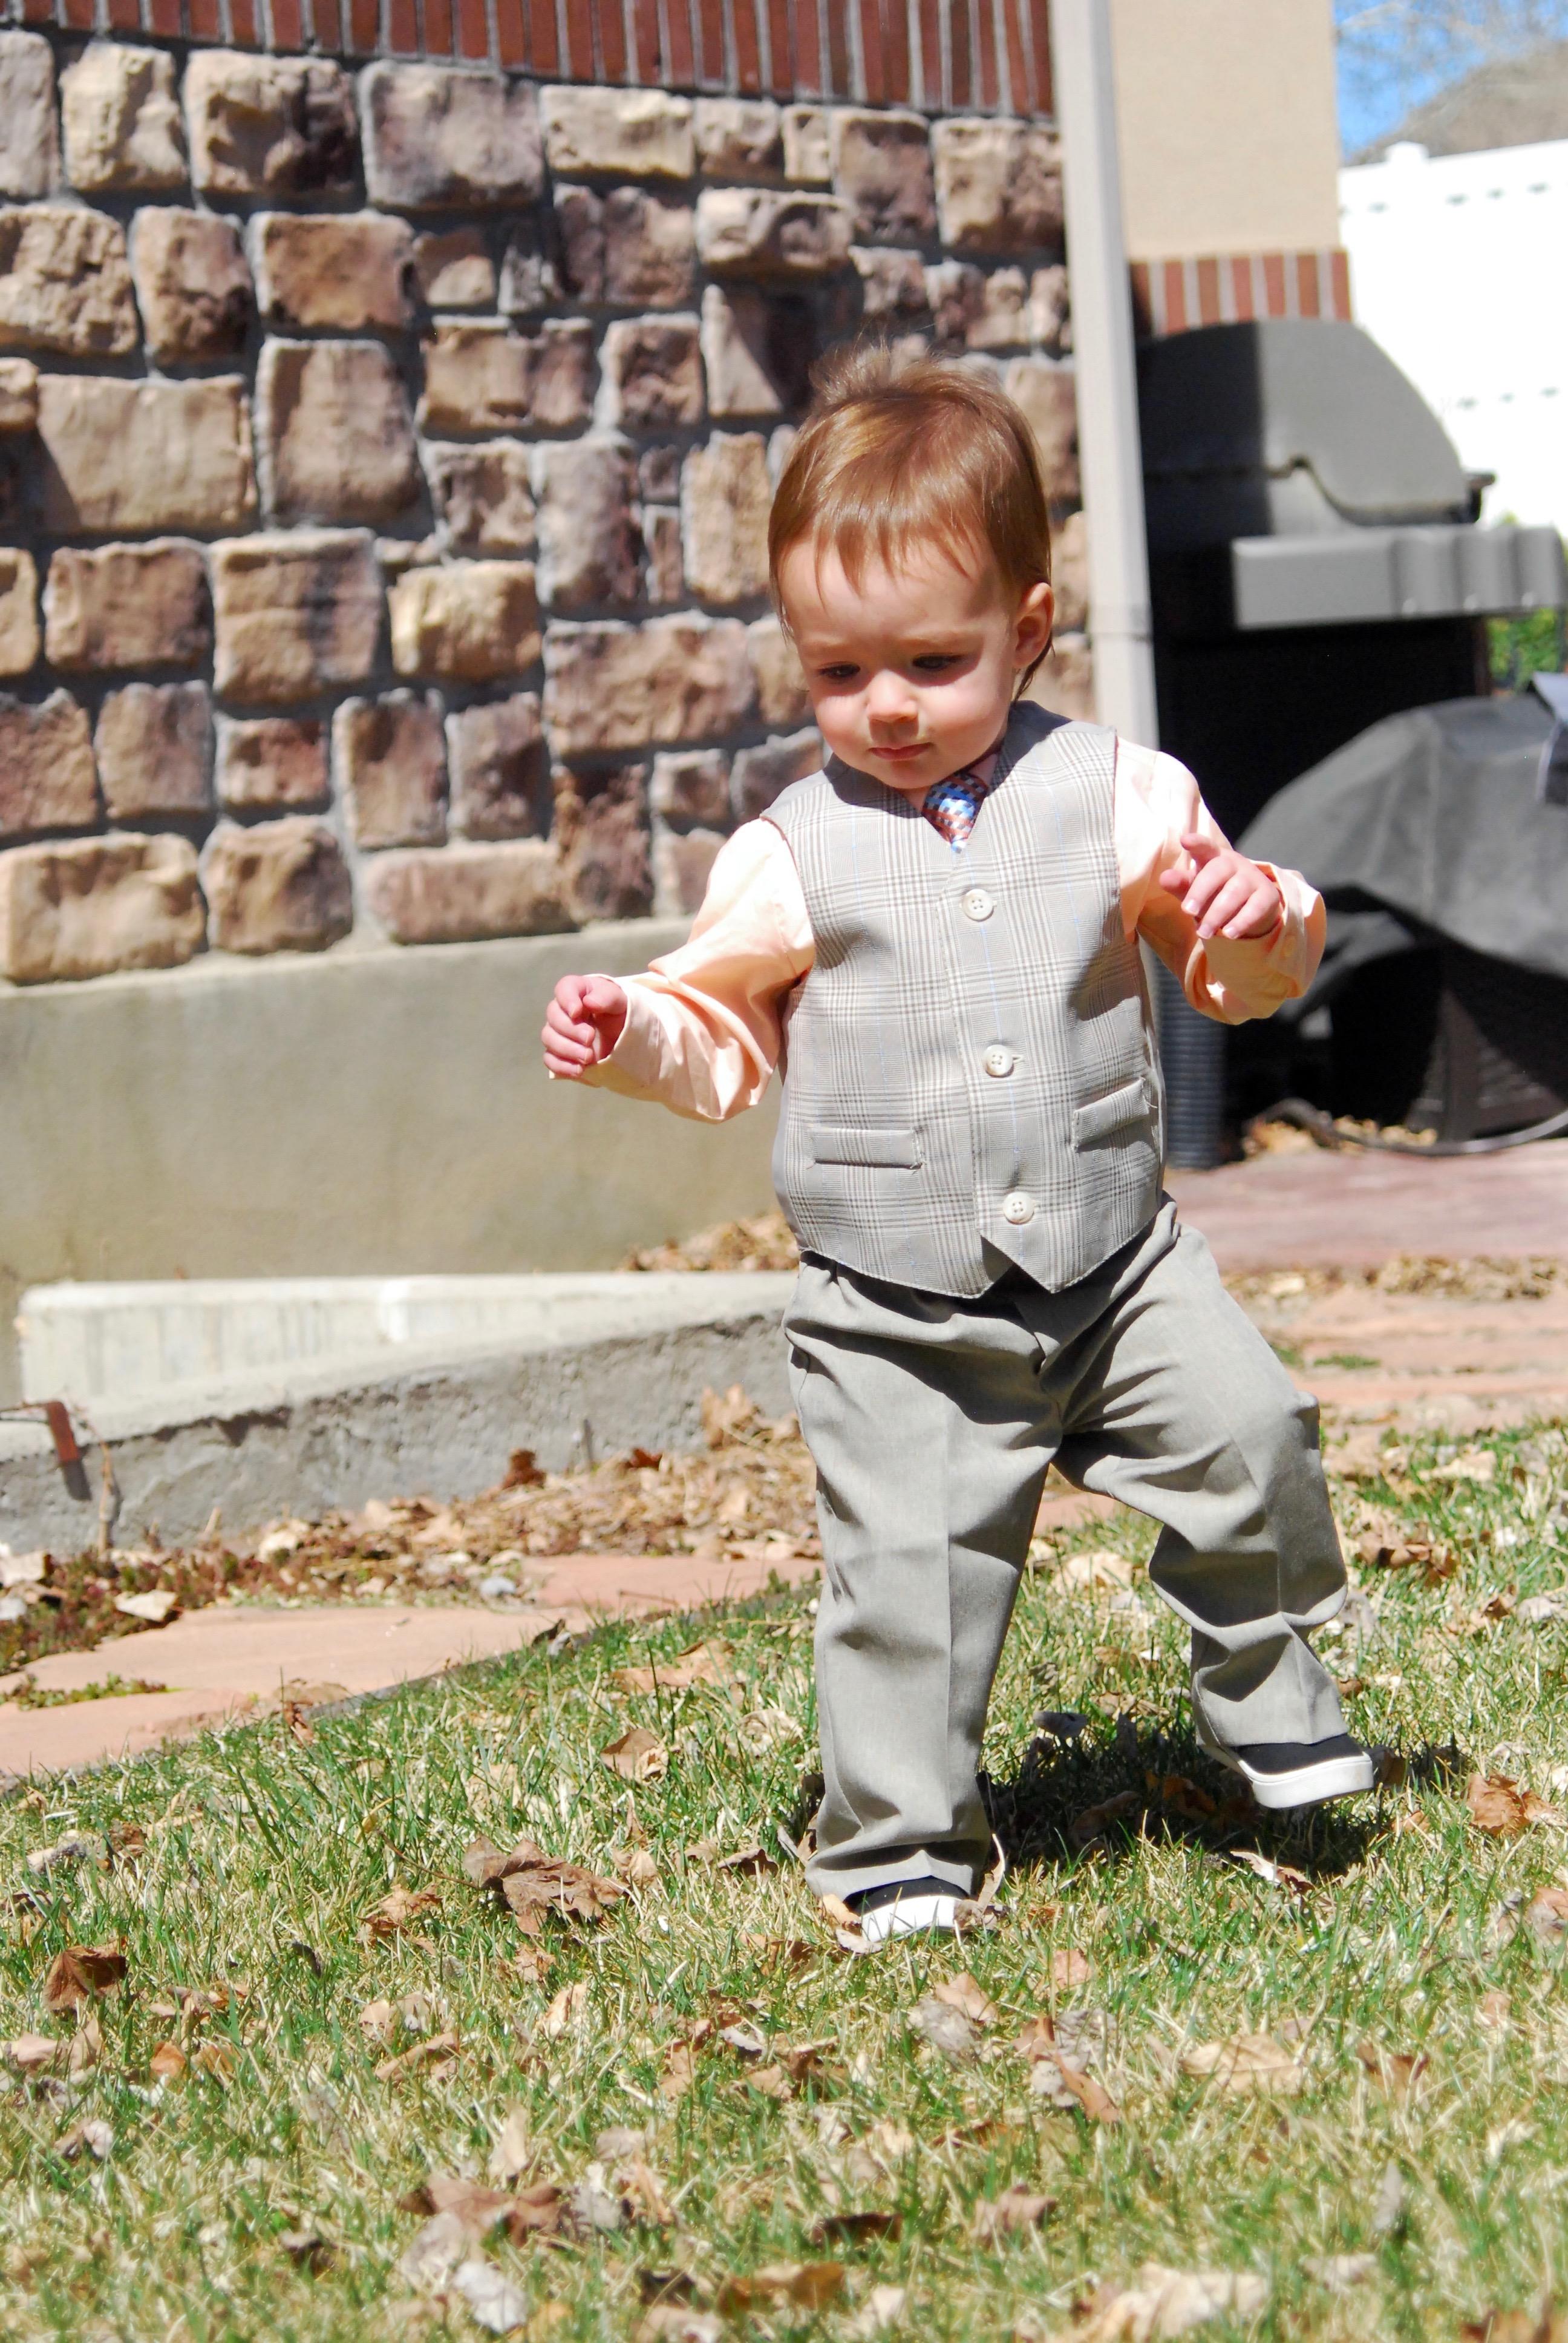 Abram in his Suit